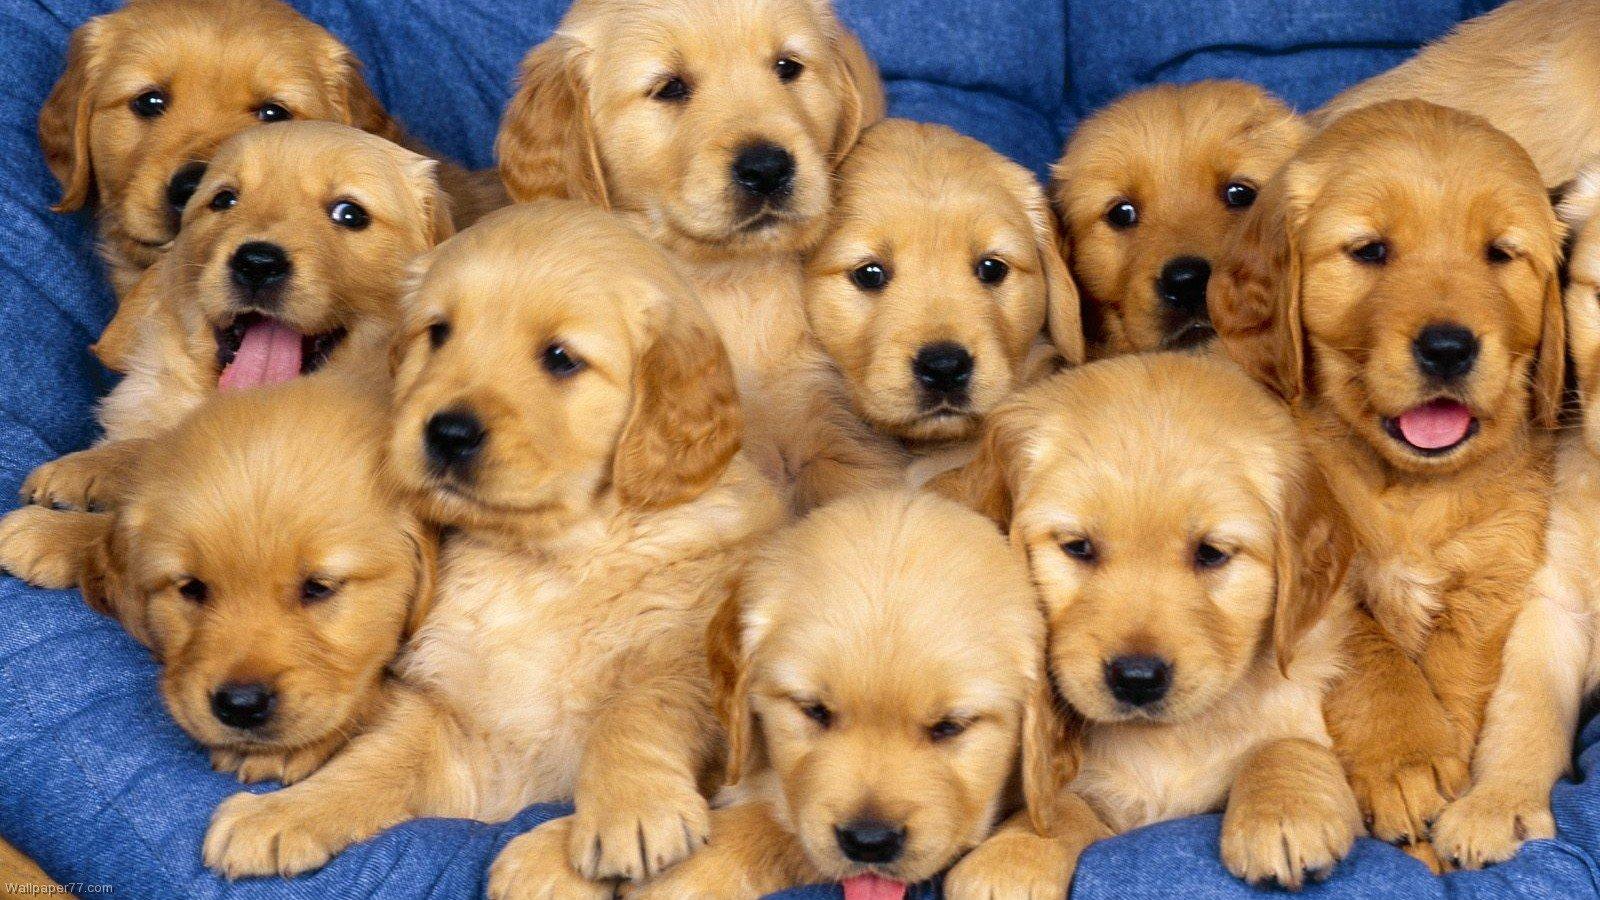 Perguntas idiotas que as pessoas fazem para os cachorros